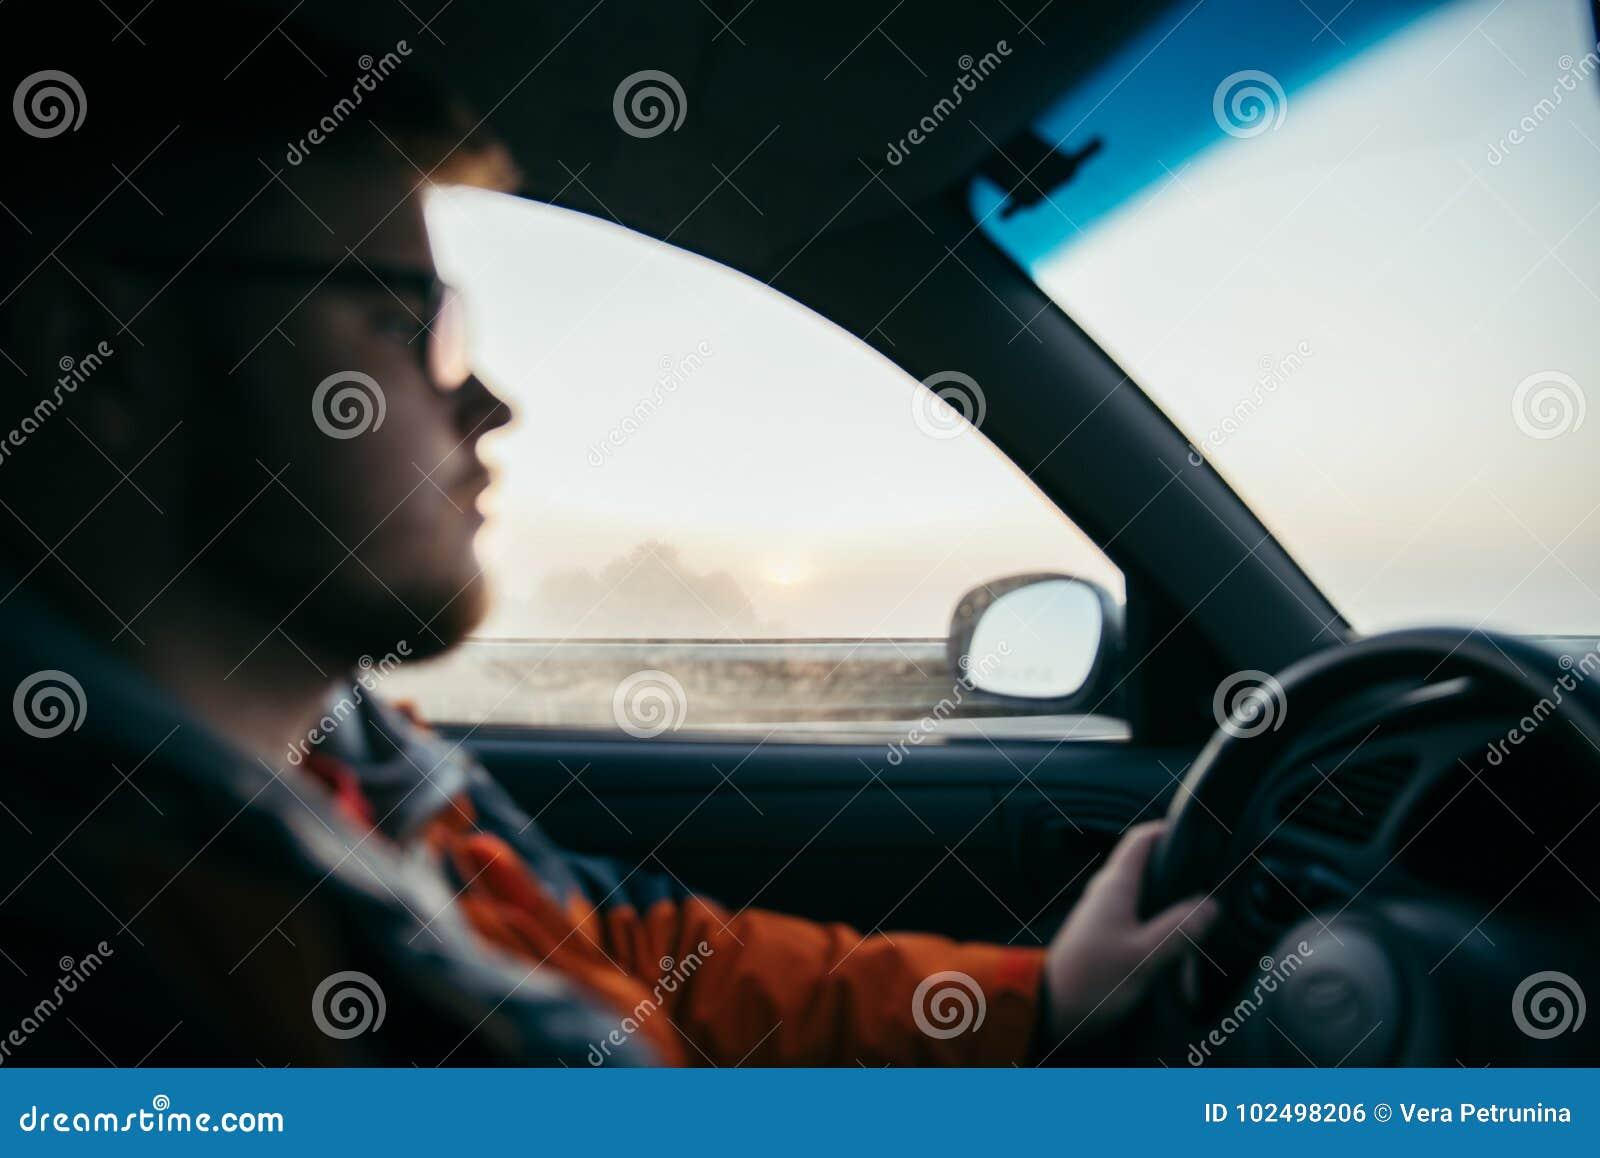 Mann, der Auto im Nebel fährt